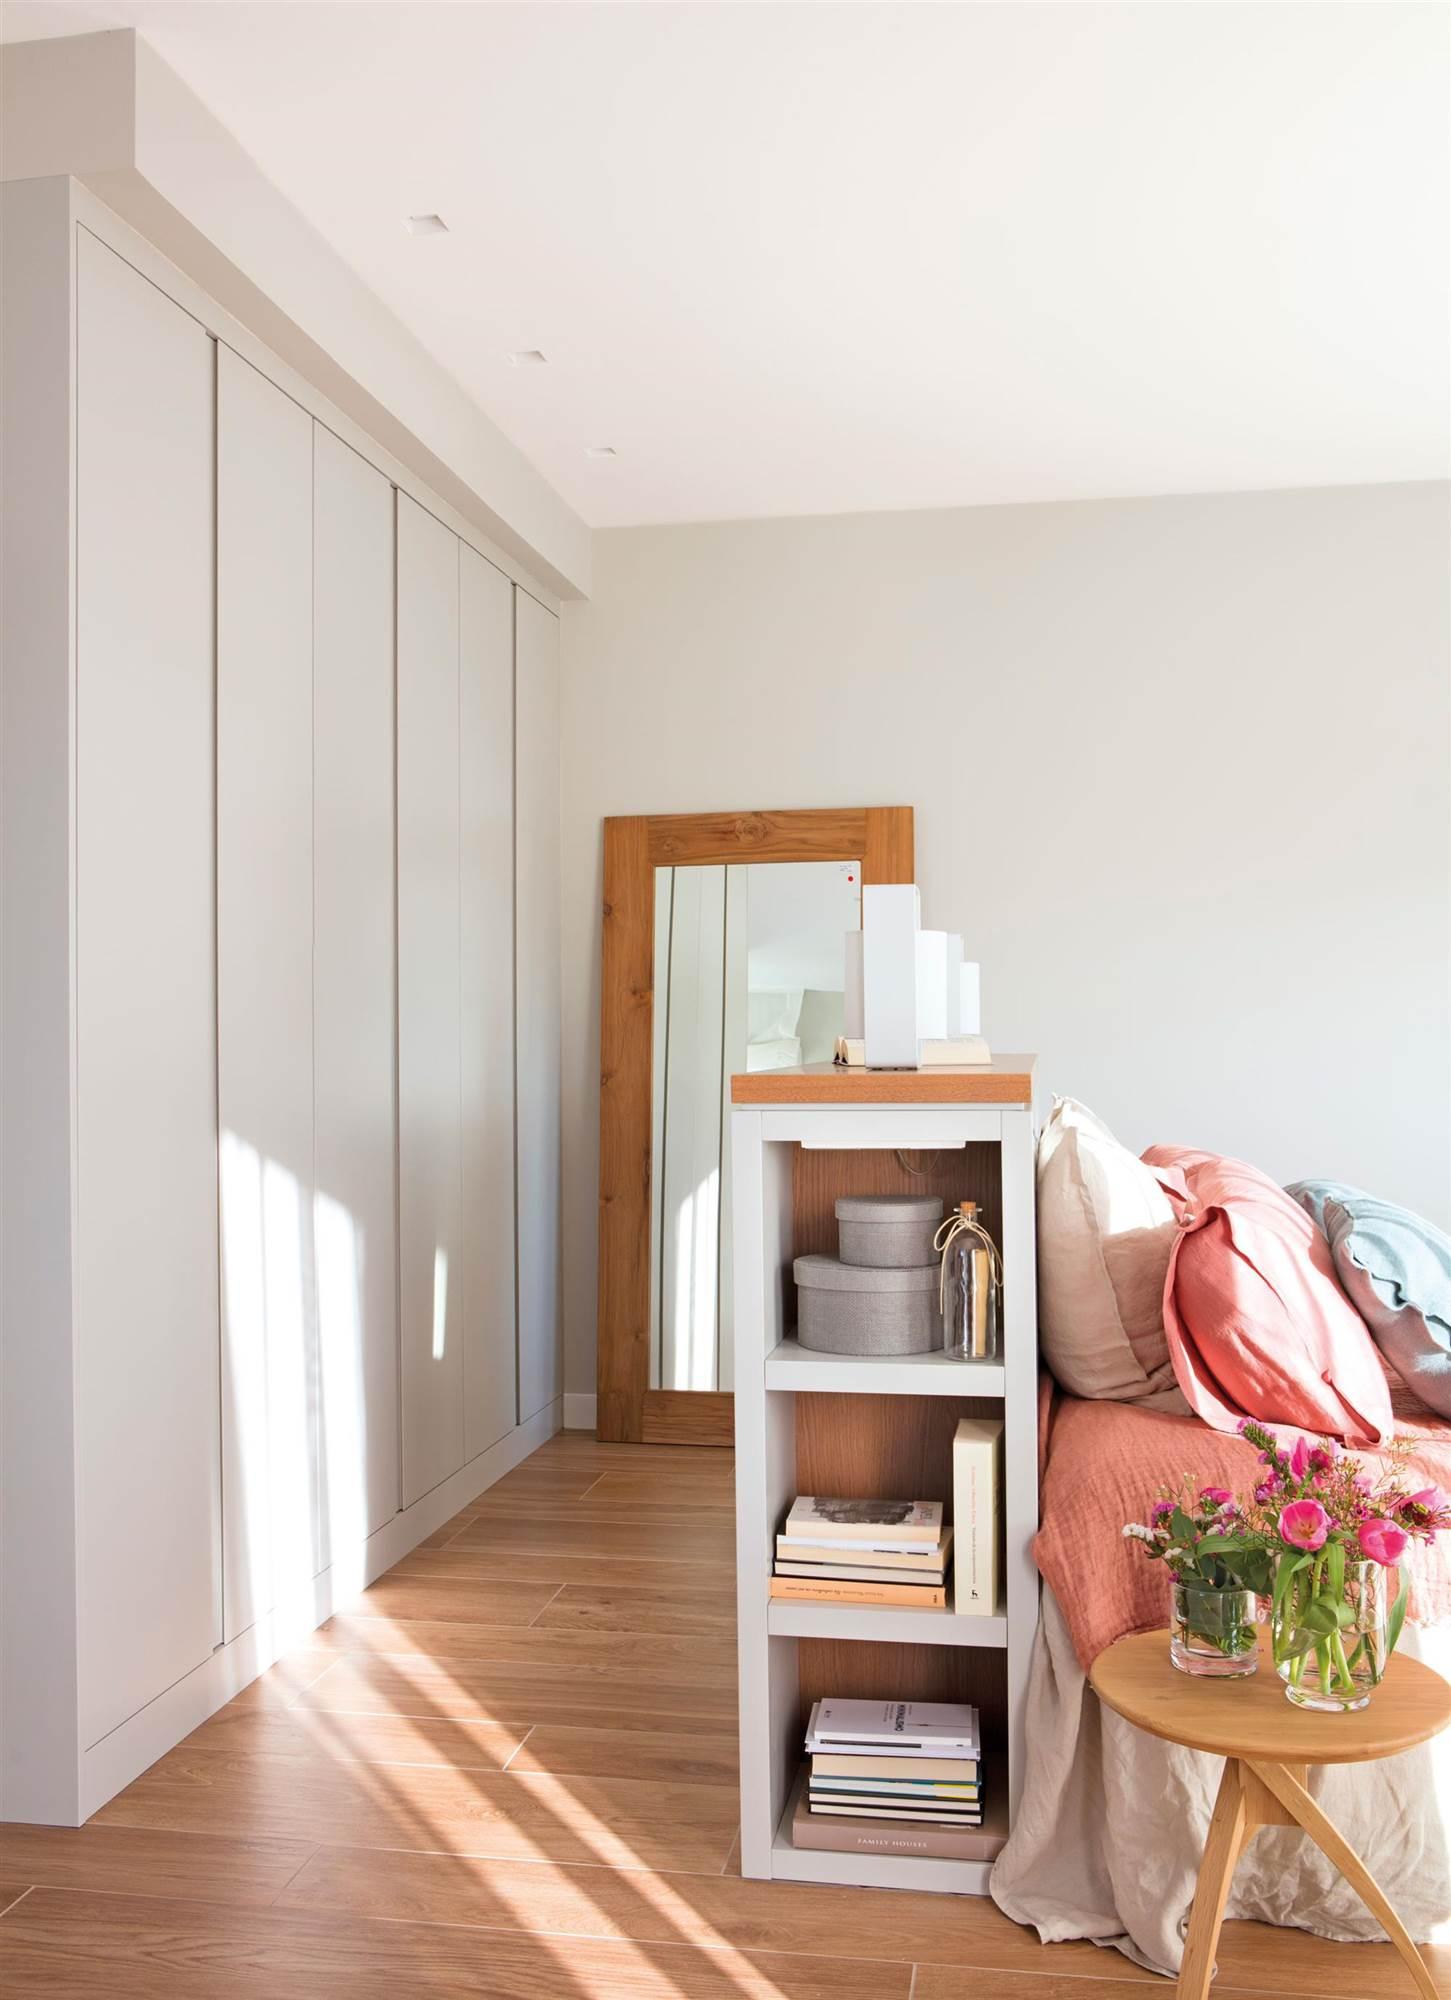 1020 fotos de armarios - Dormitorios con armarios empotrados ...